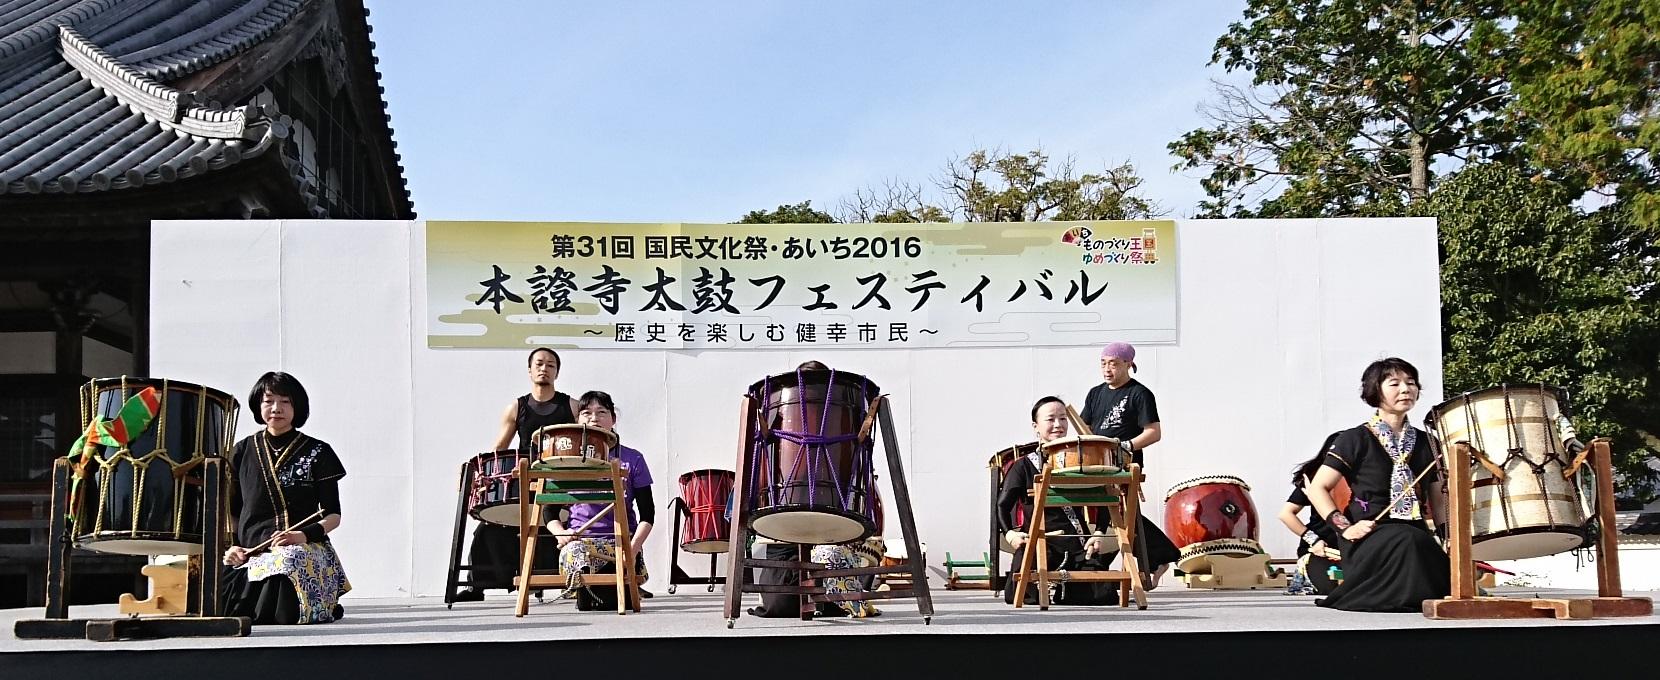 2016.11.20 咲楽 (15)